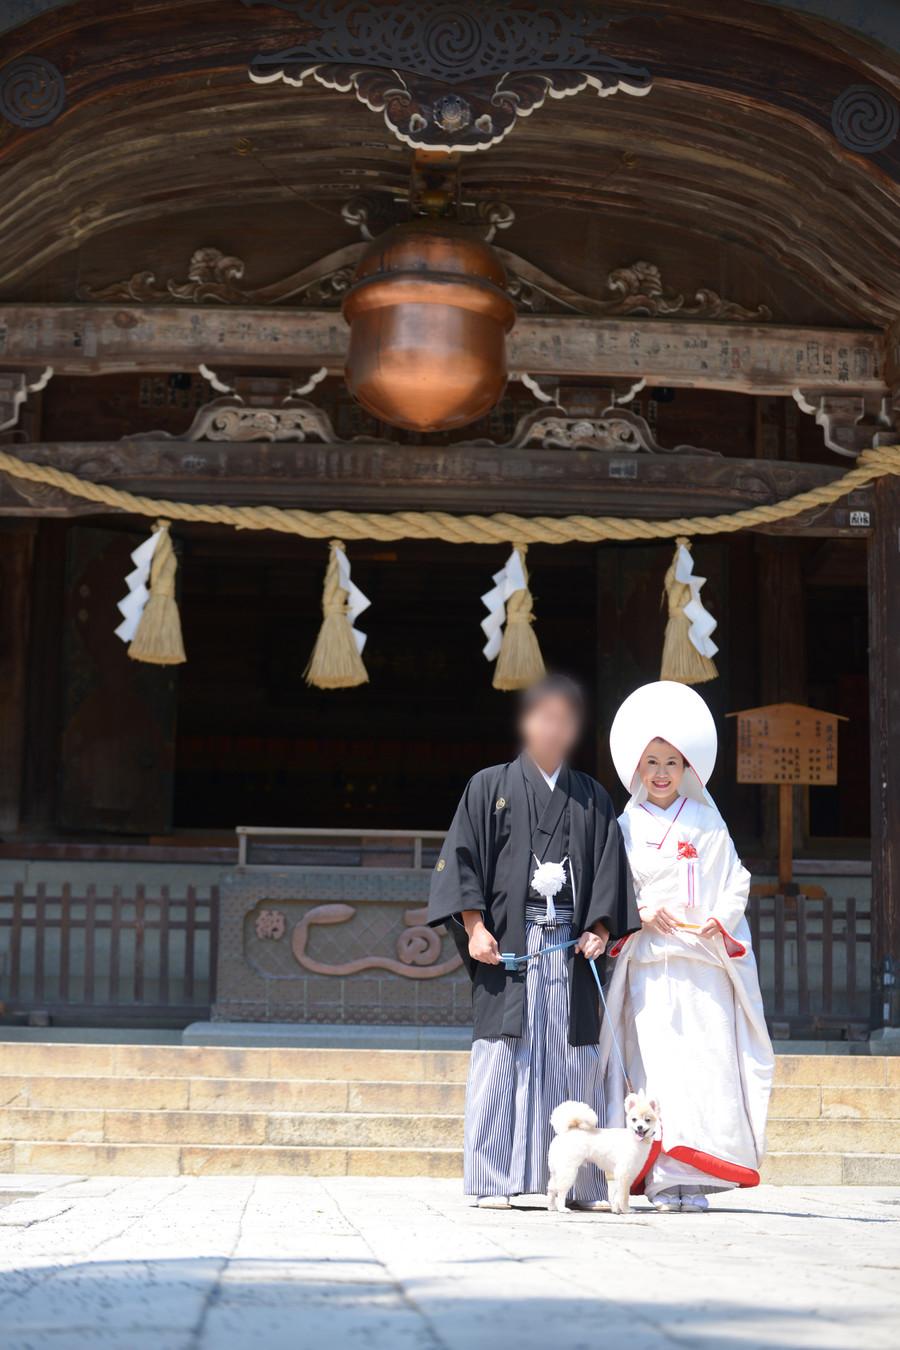 和装 白無垢 紋付袴 ロケーション 神社 ペットと一緒